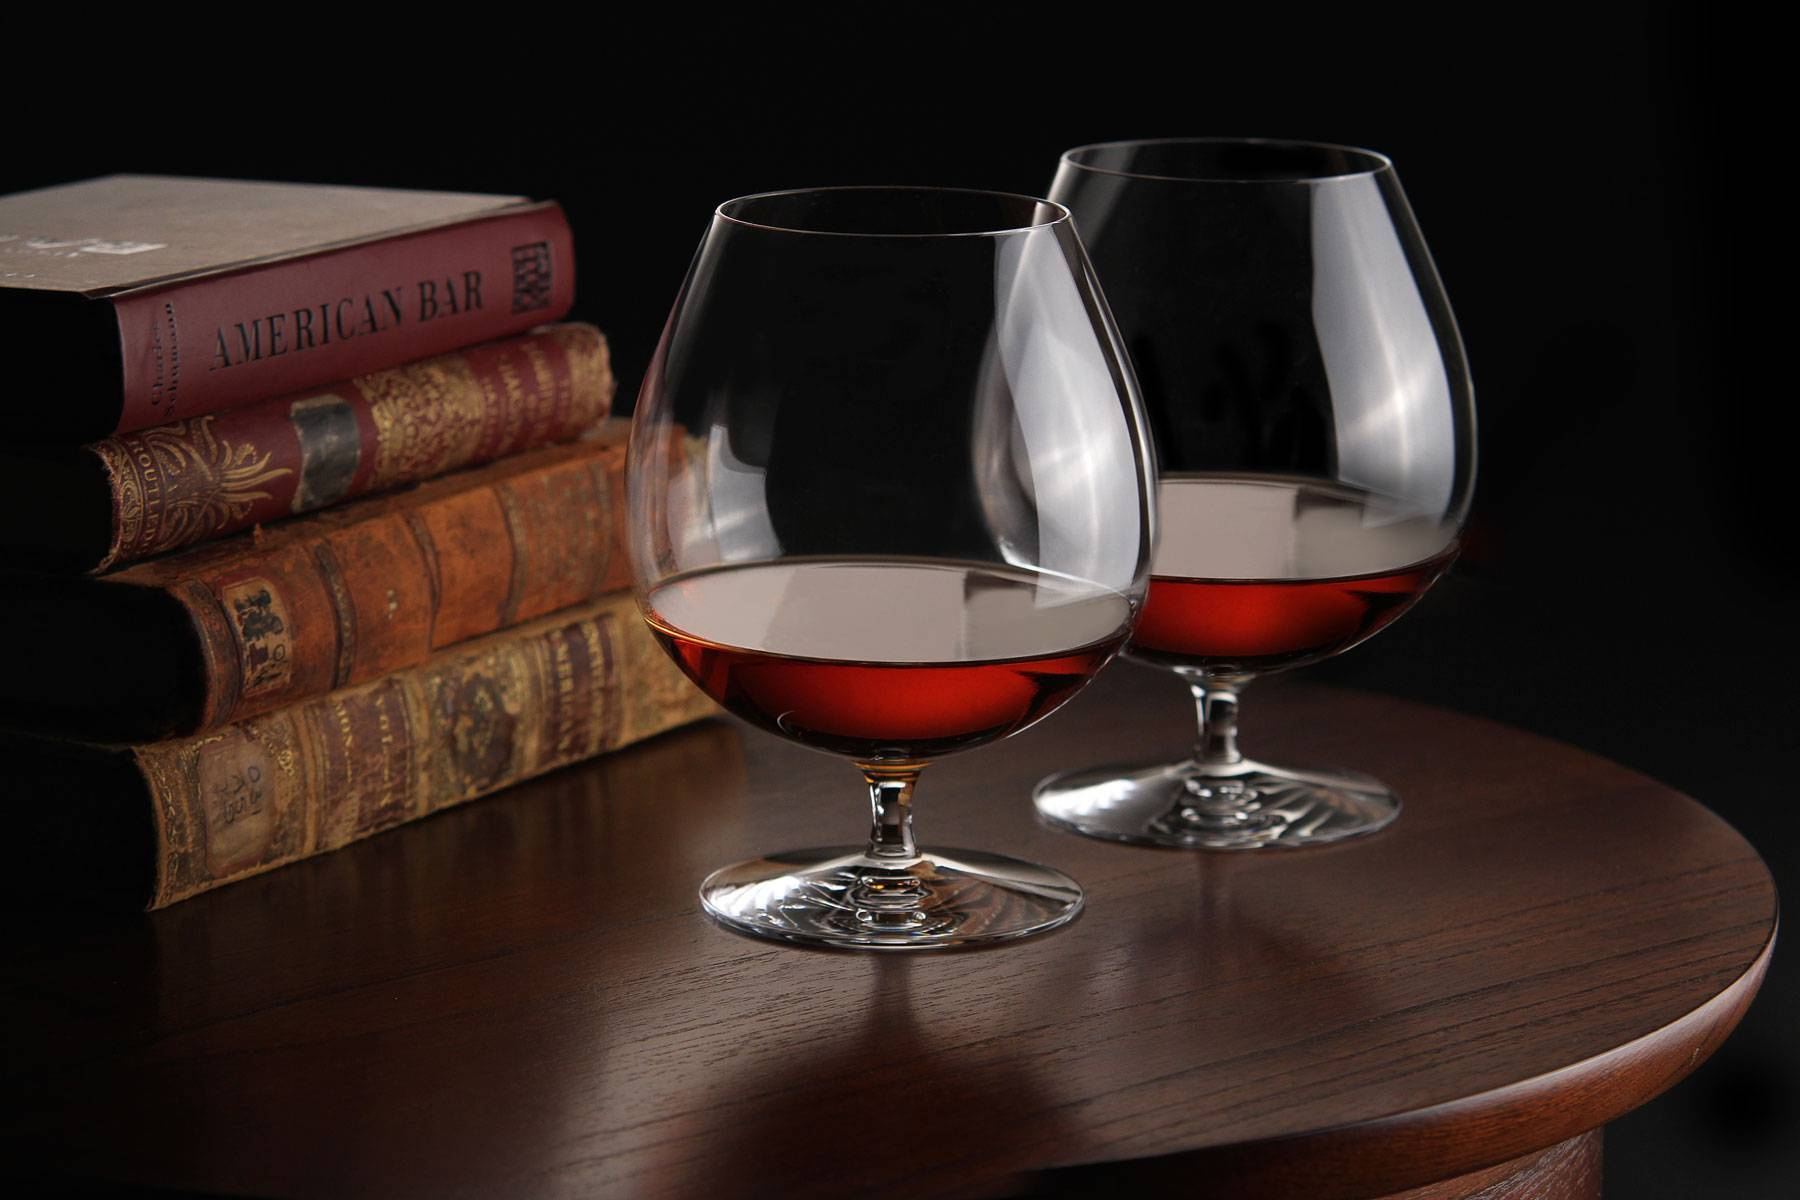 Как бокал влияет на вкусоароматические свойства коньяка? выбираем фужеры правильно